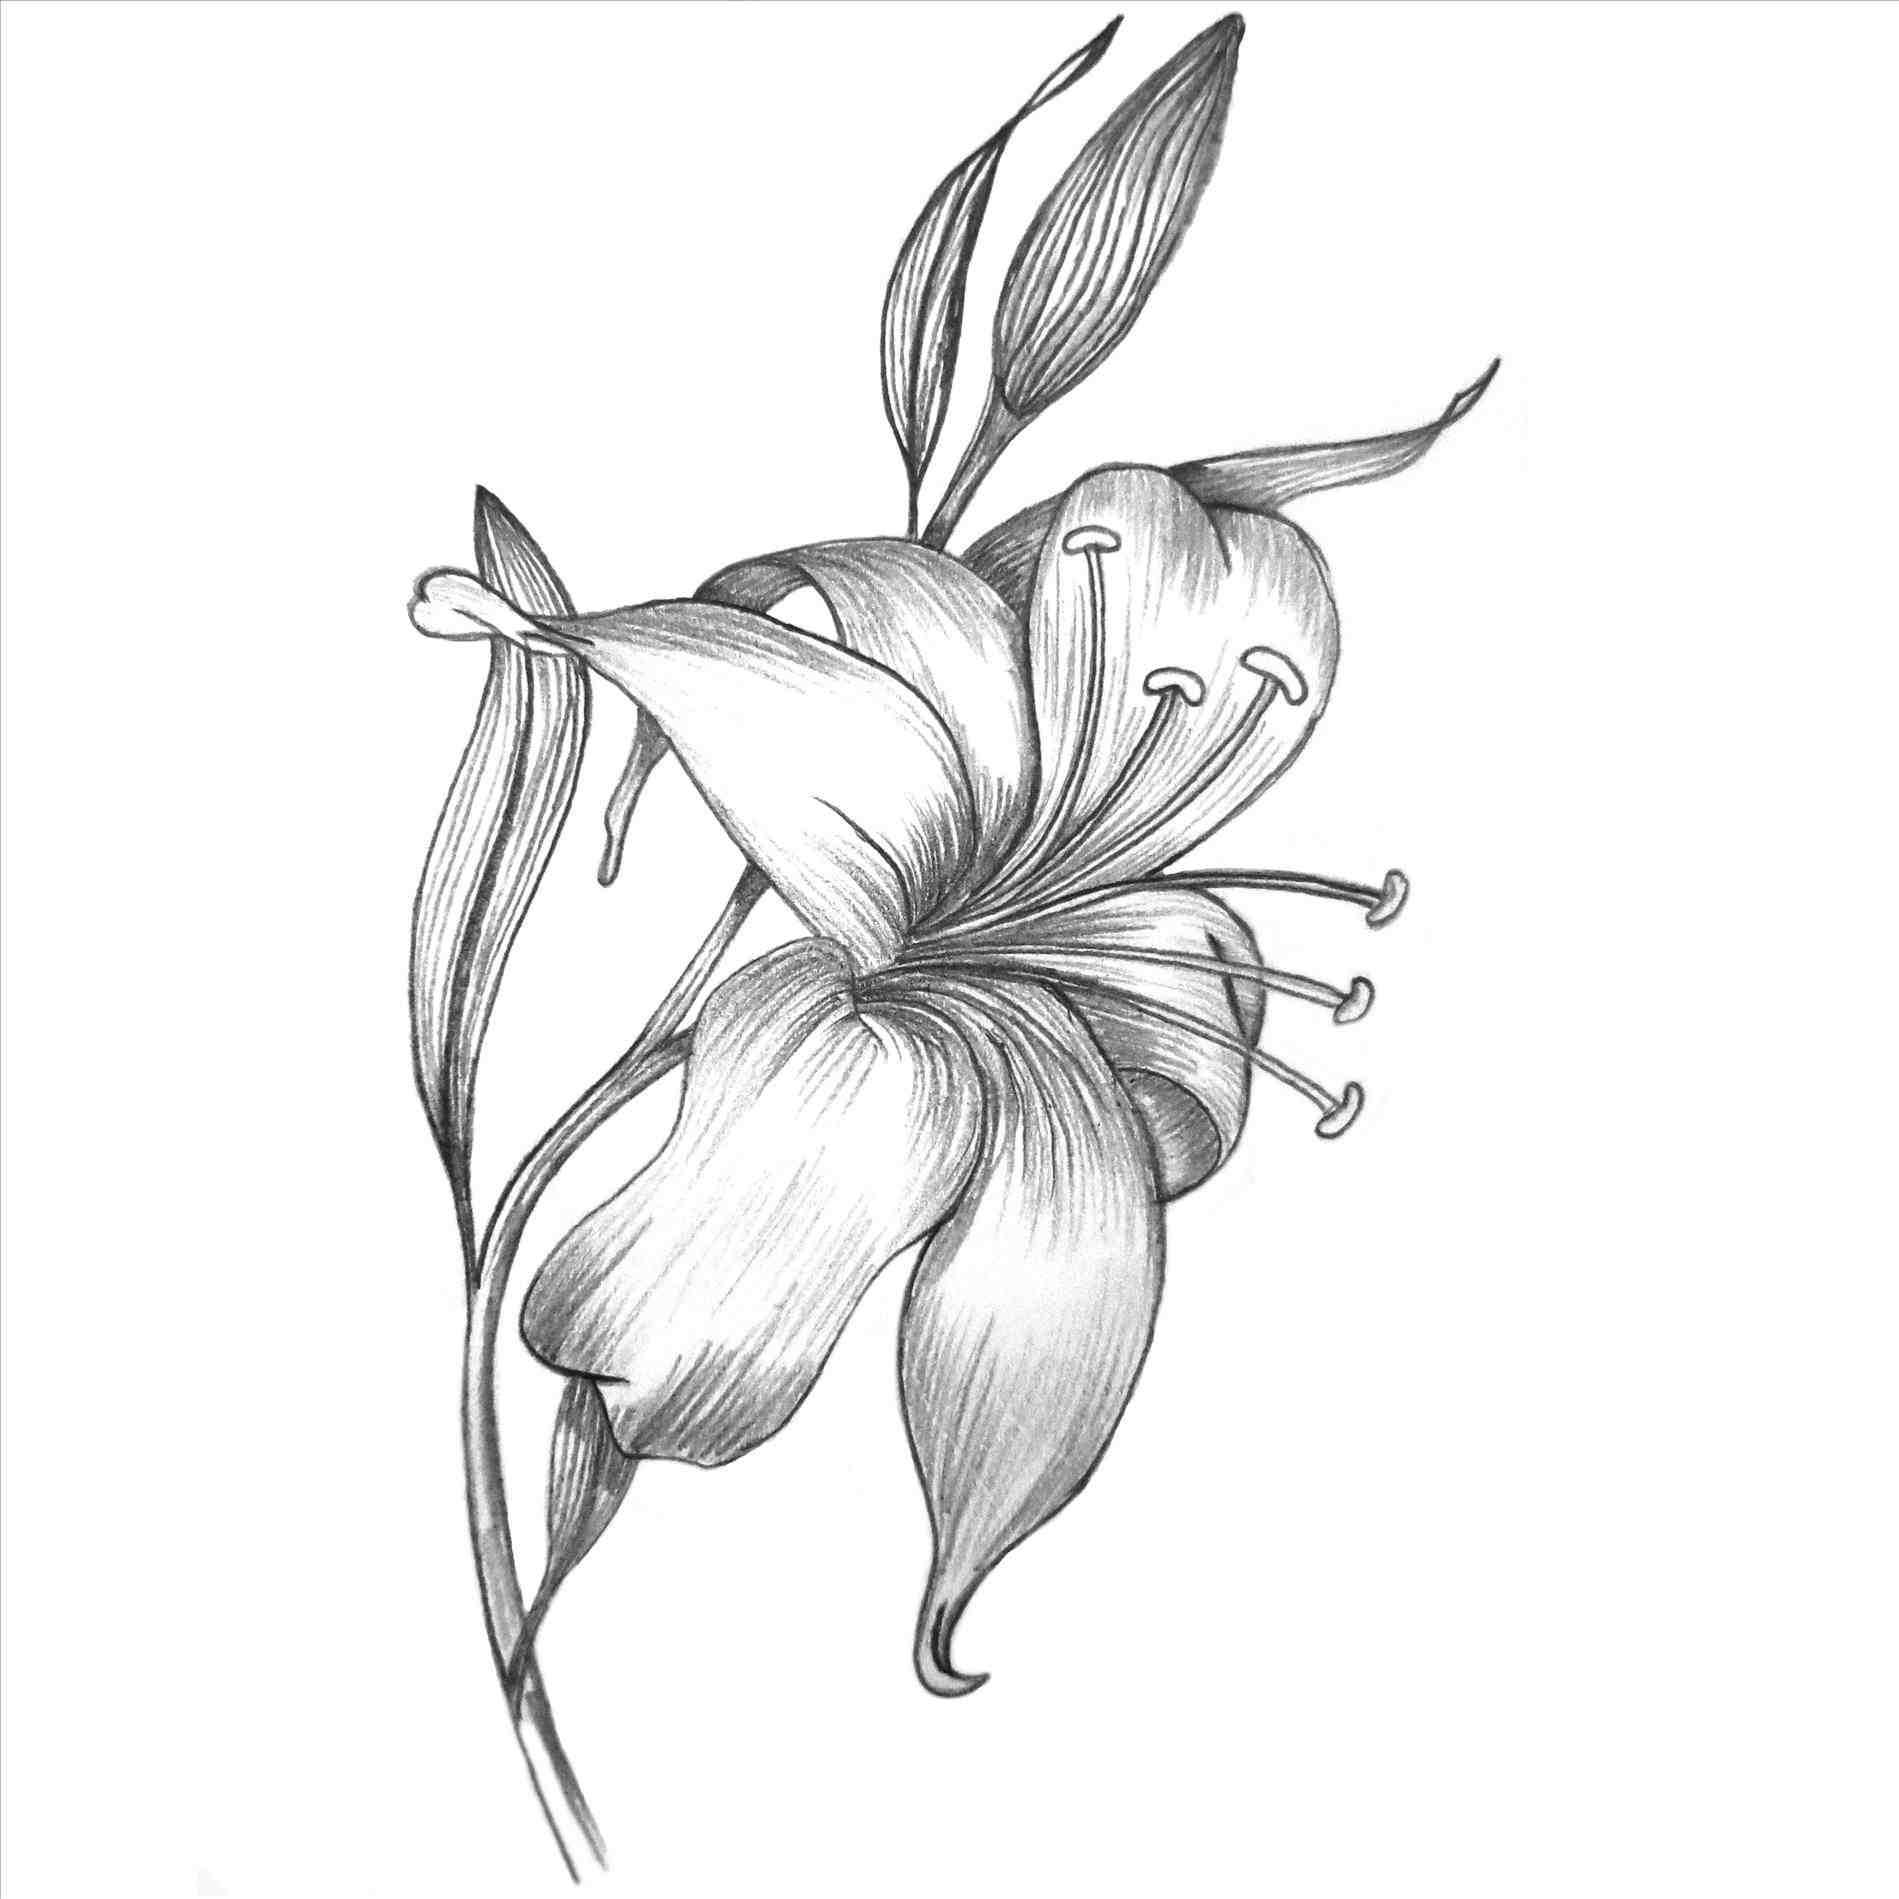 1899x1899 How To Draw A Lily Step 16. How To Draw A Lily Step By Step Step 7